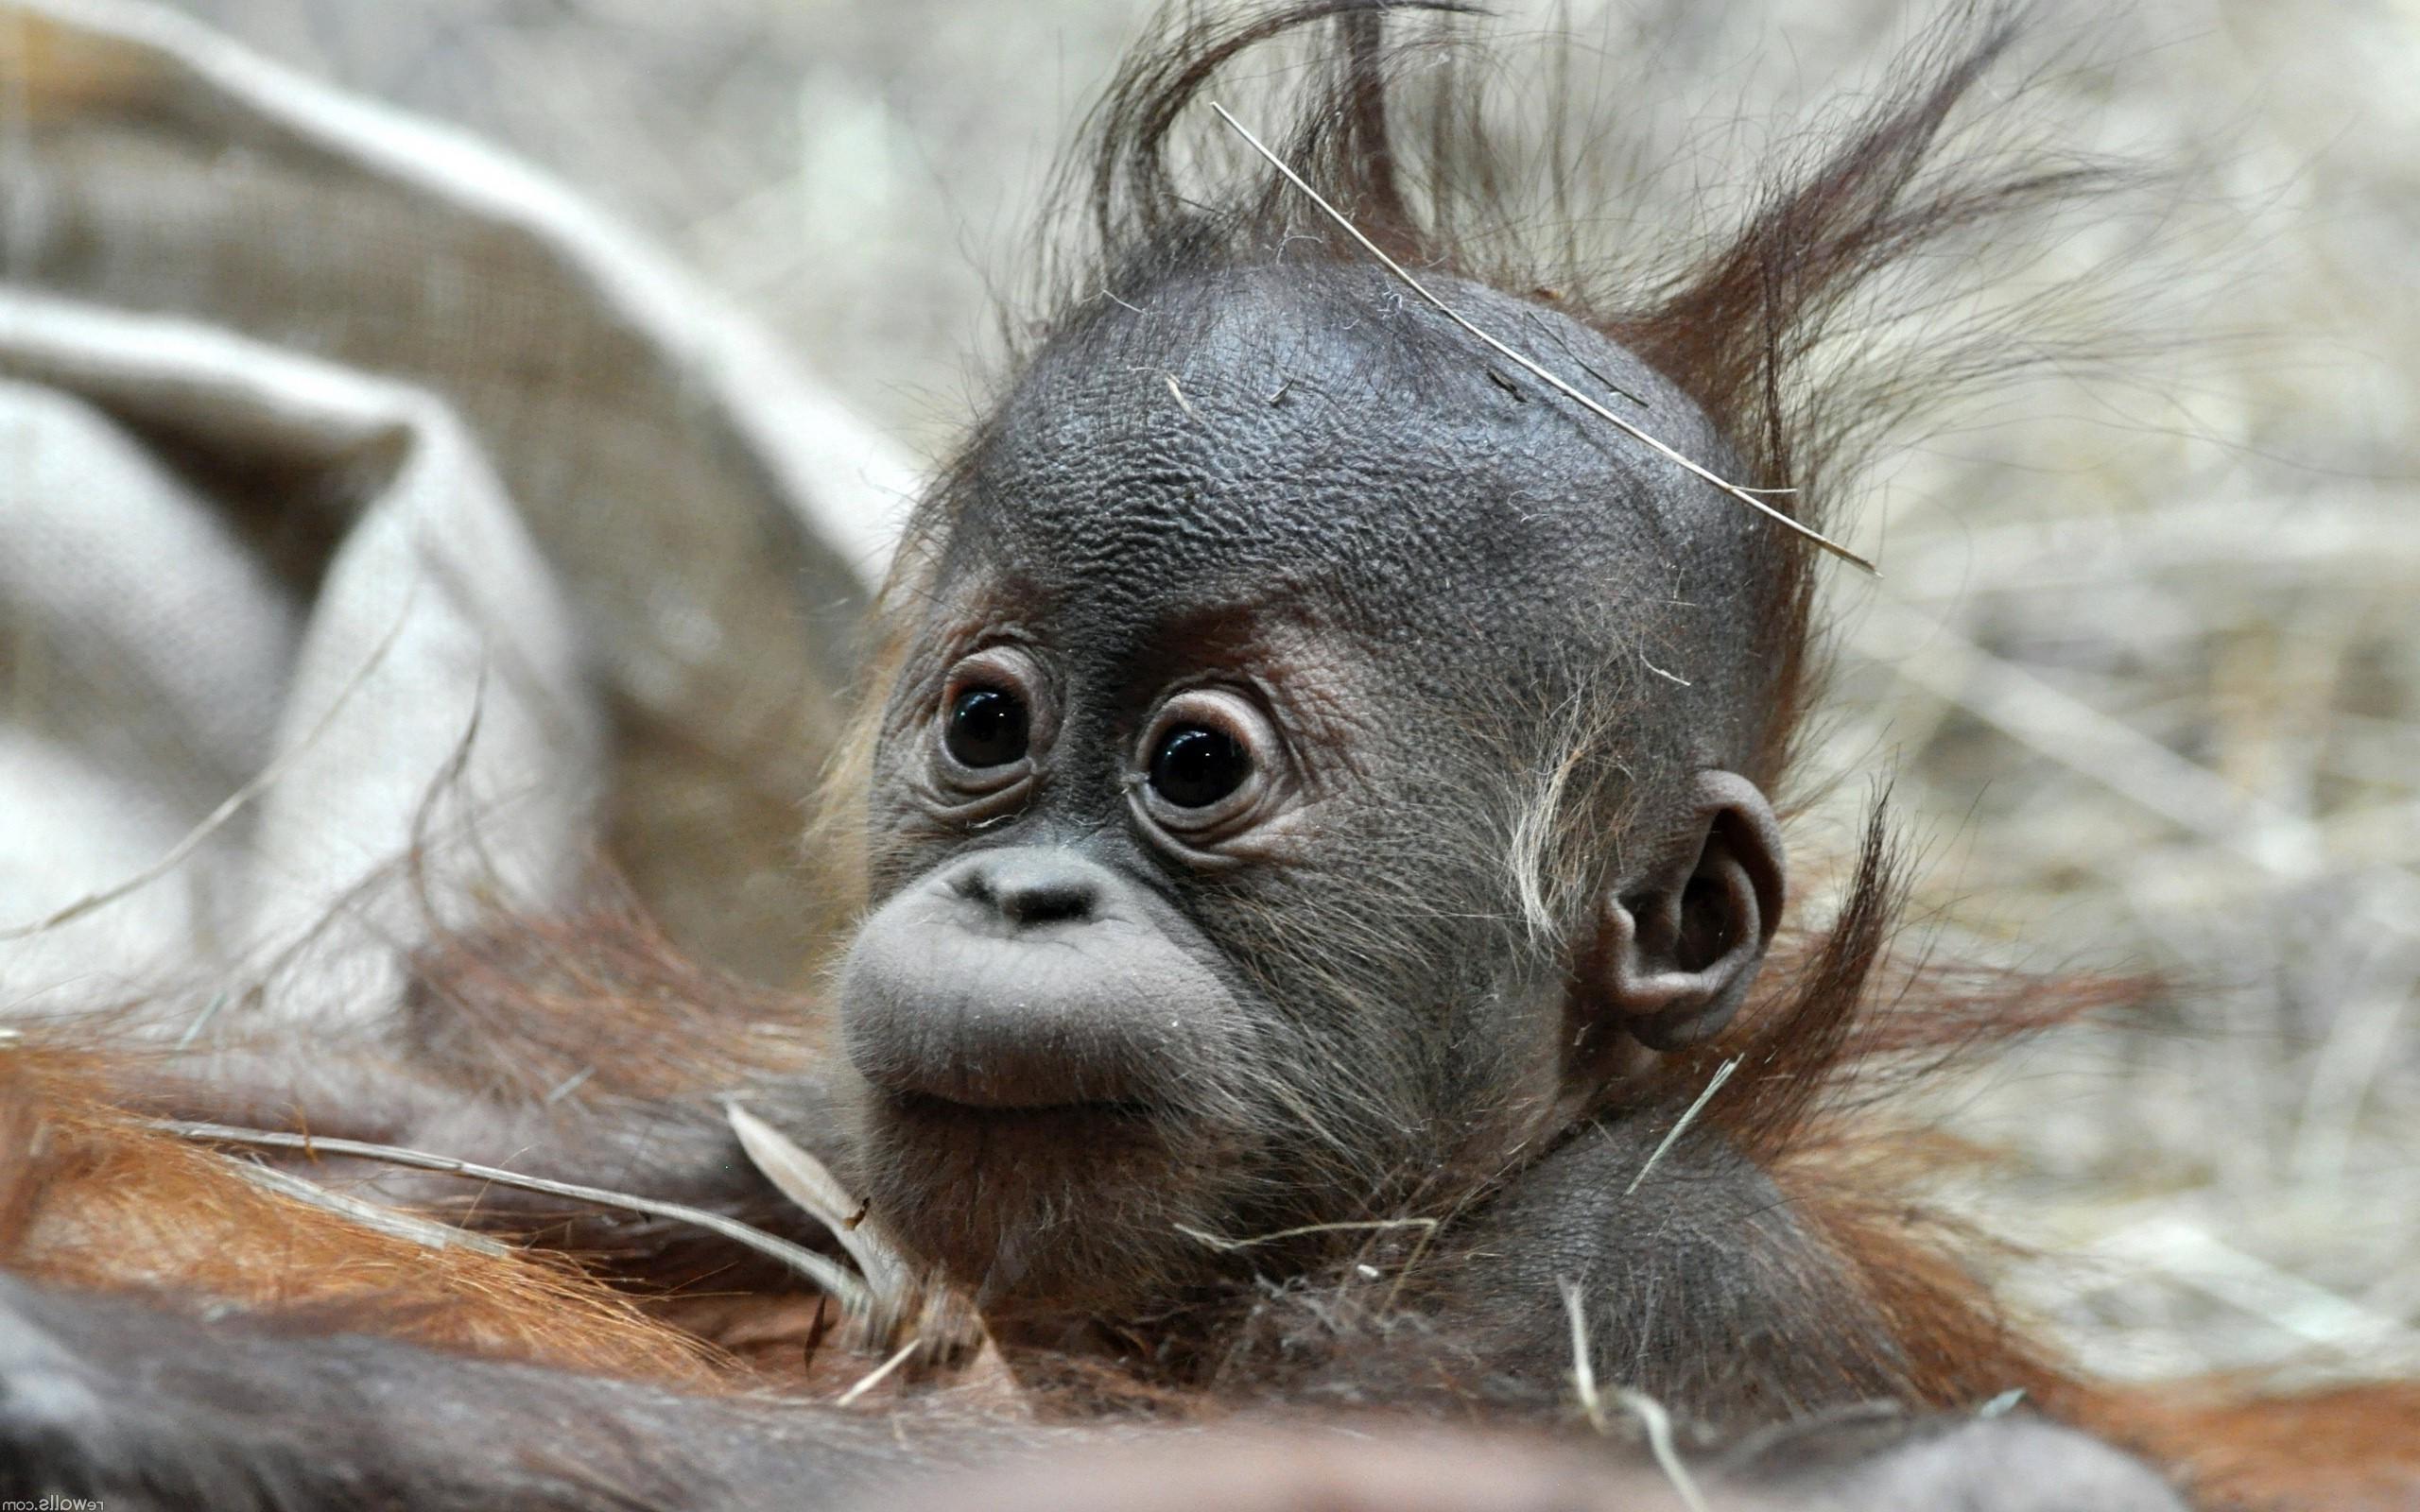 Cute Baby Monkey HD Desktop Wallpaper for K Ultra HD TV